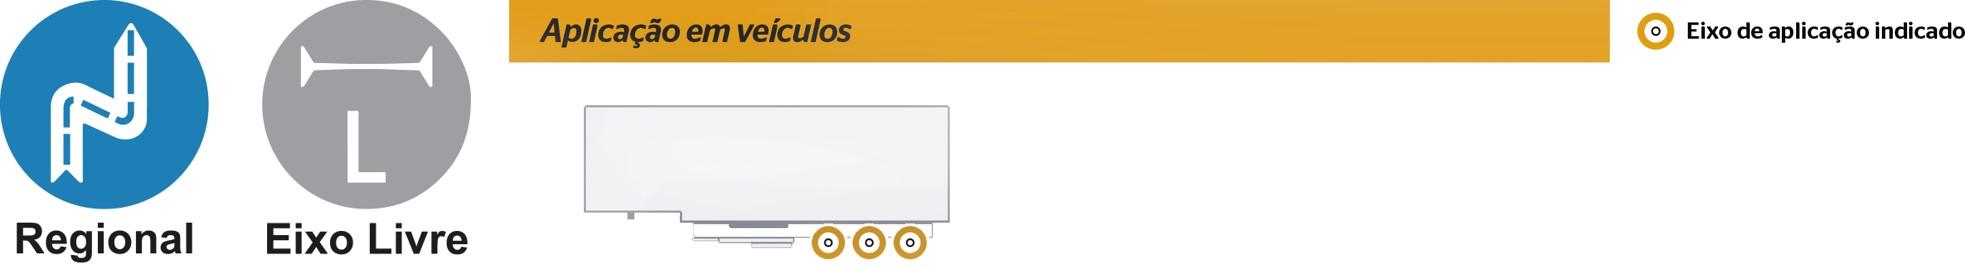 HTR 2: Eixo livre / Carreta - Mercadoria (Ícones com categorias de uso)